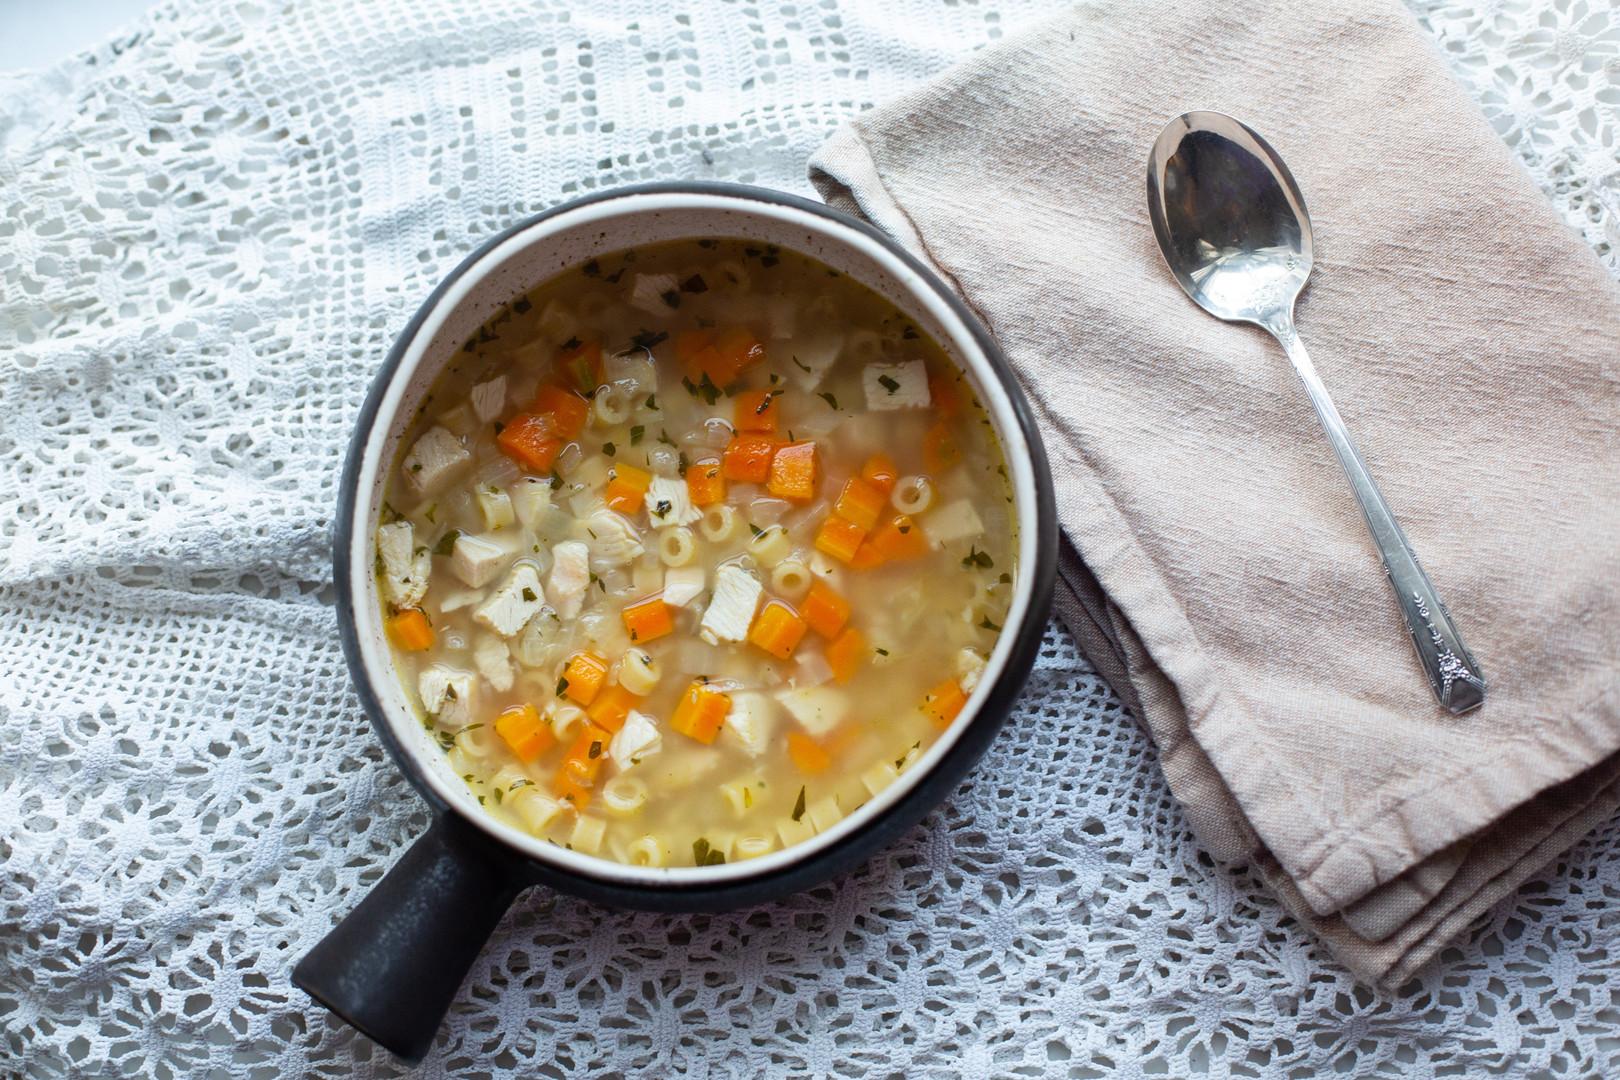 Joel's Cold Cure Soup